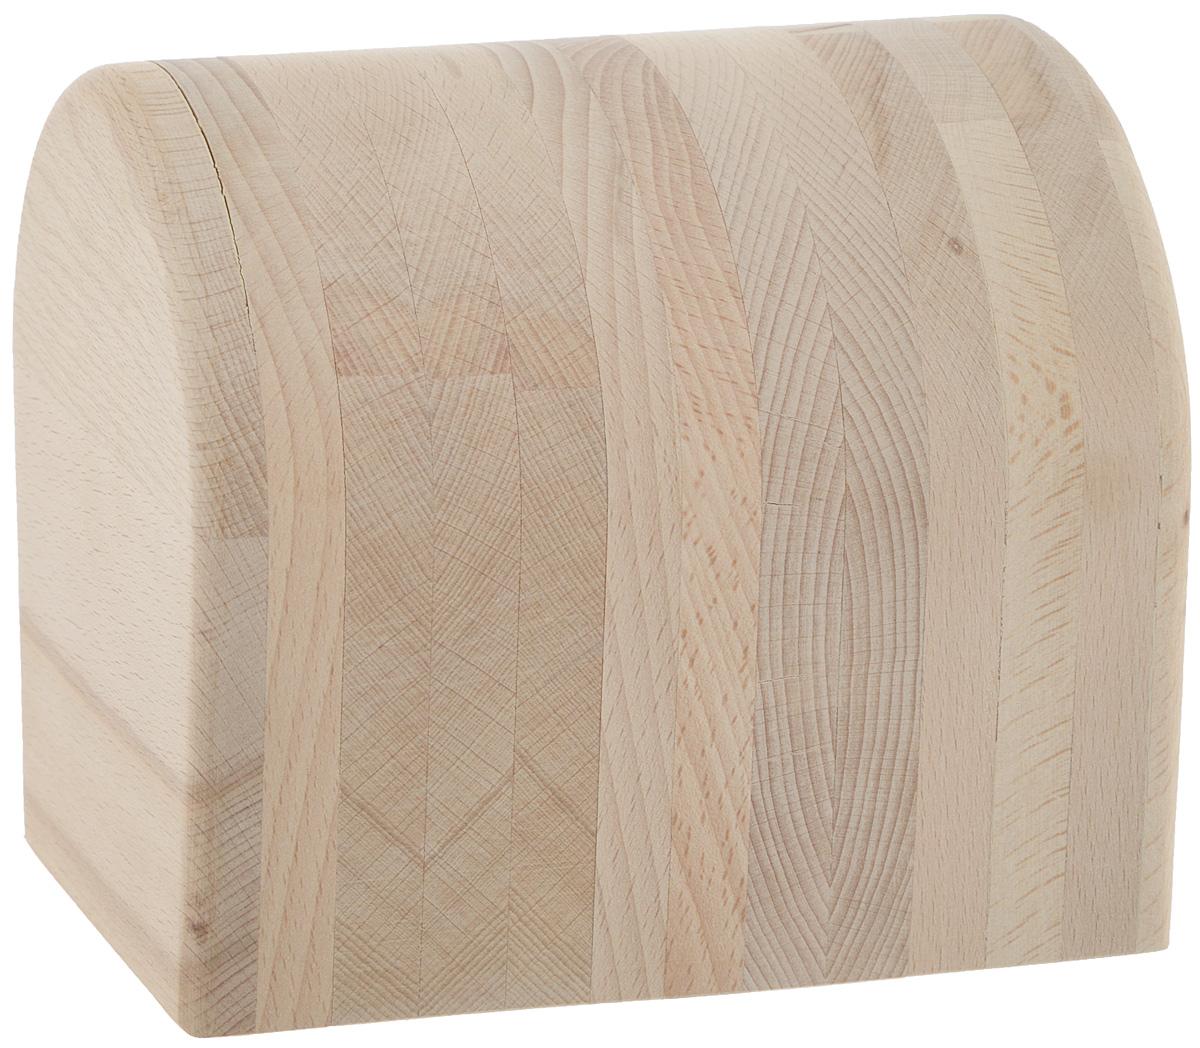 Колодка портновская Окат мужской. OK11520OK11520Портновская колодка Окат мужской подходит для глажки манжет, плечевых швов и оката рукава. Изделие выполнено из древесины бука. Влажно-тепловая обработка имеет большое значение в улучшении качества швейных изделий и их внешнего вида. Даже кривую строчку в некоторых случаях можно исправить утюгом. Колодка облегчит утюжку в труднодоступных для утюга местах. Кроме того, твердое холодное дерево быстро впитывает пар и охлаждает ткань, способствуя закреплению формы.